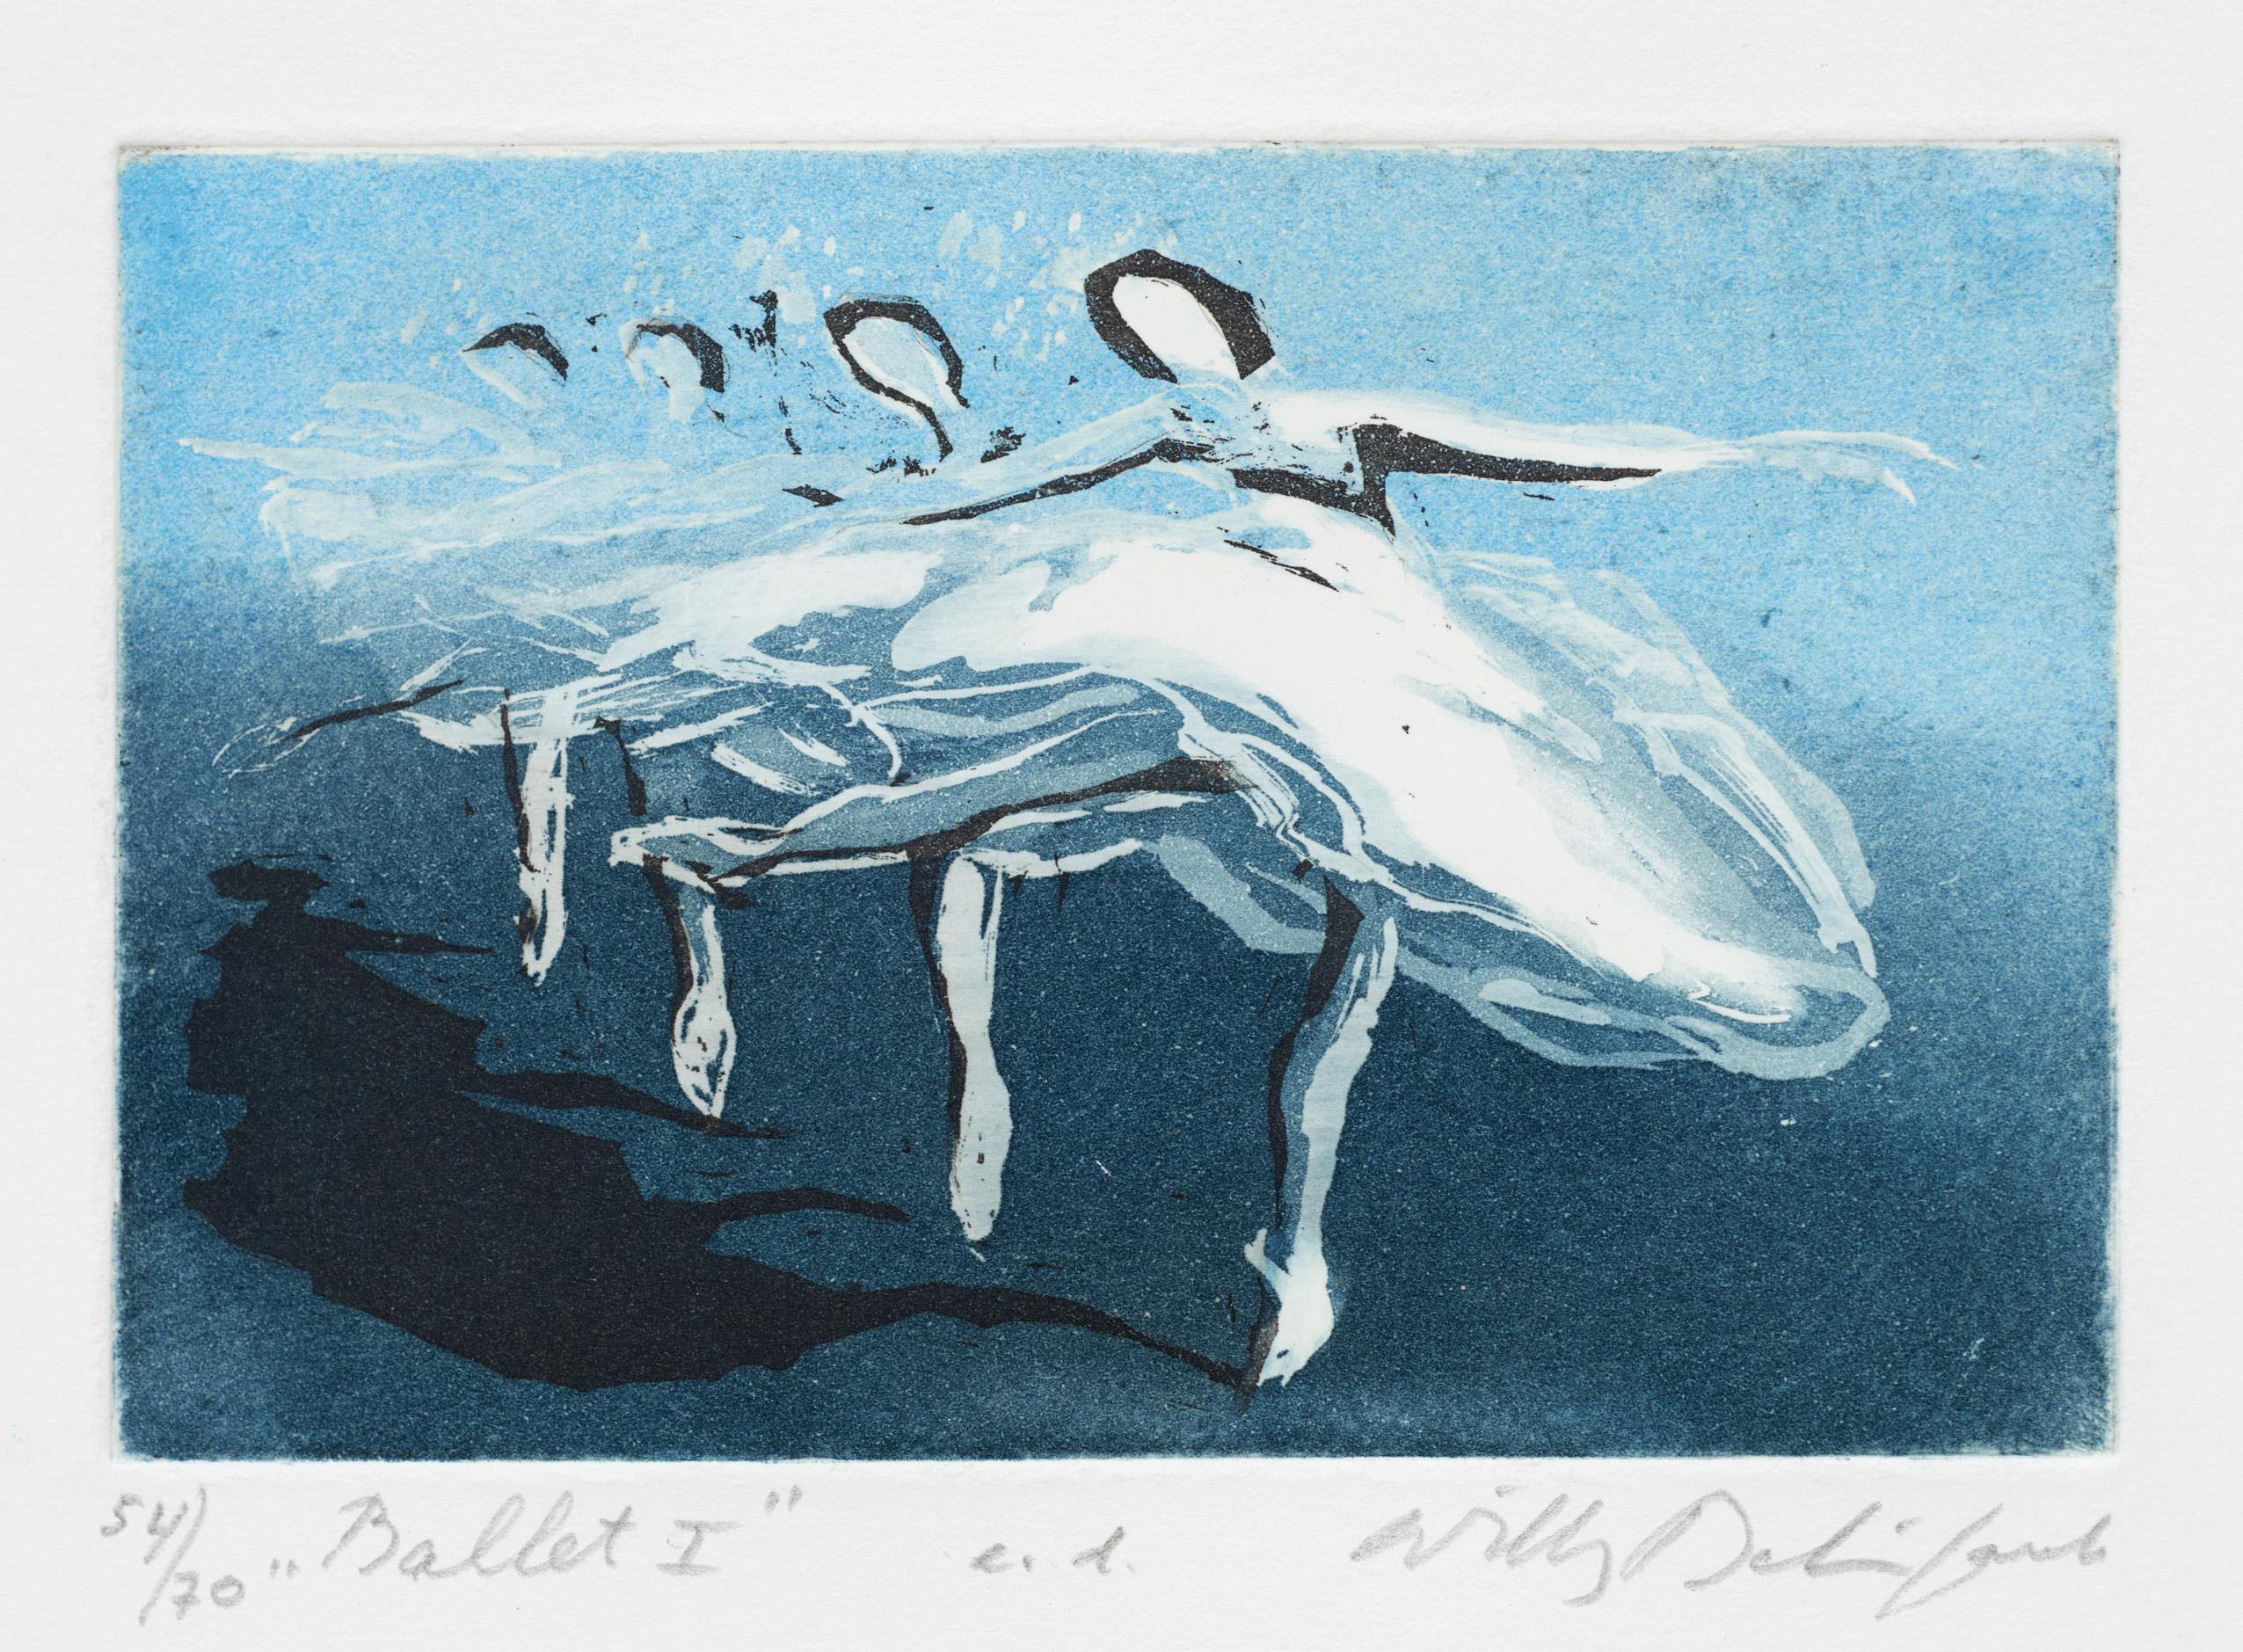 Willy belinfante  ballet i  zonder nummer  40 x 30 cm.  e. 120 00